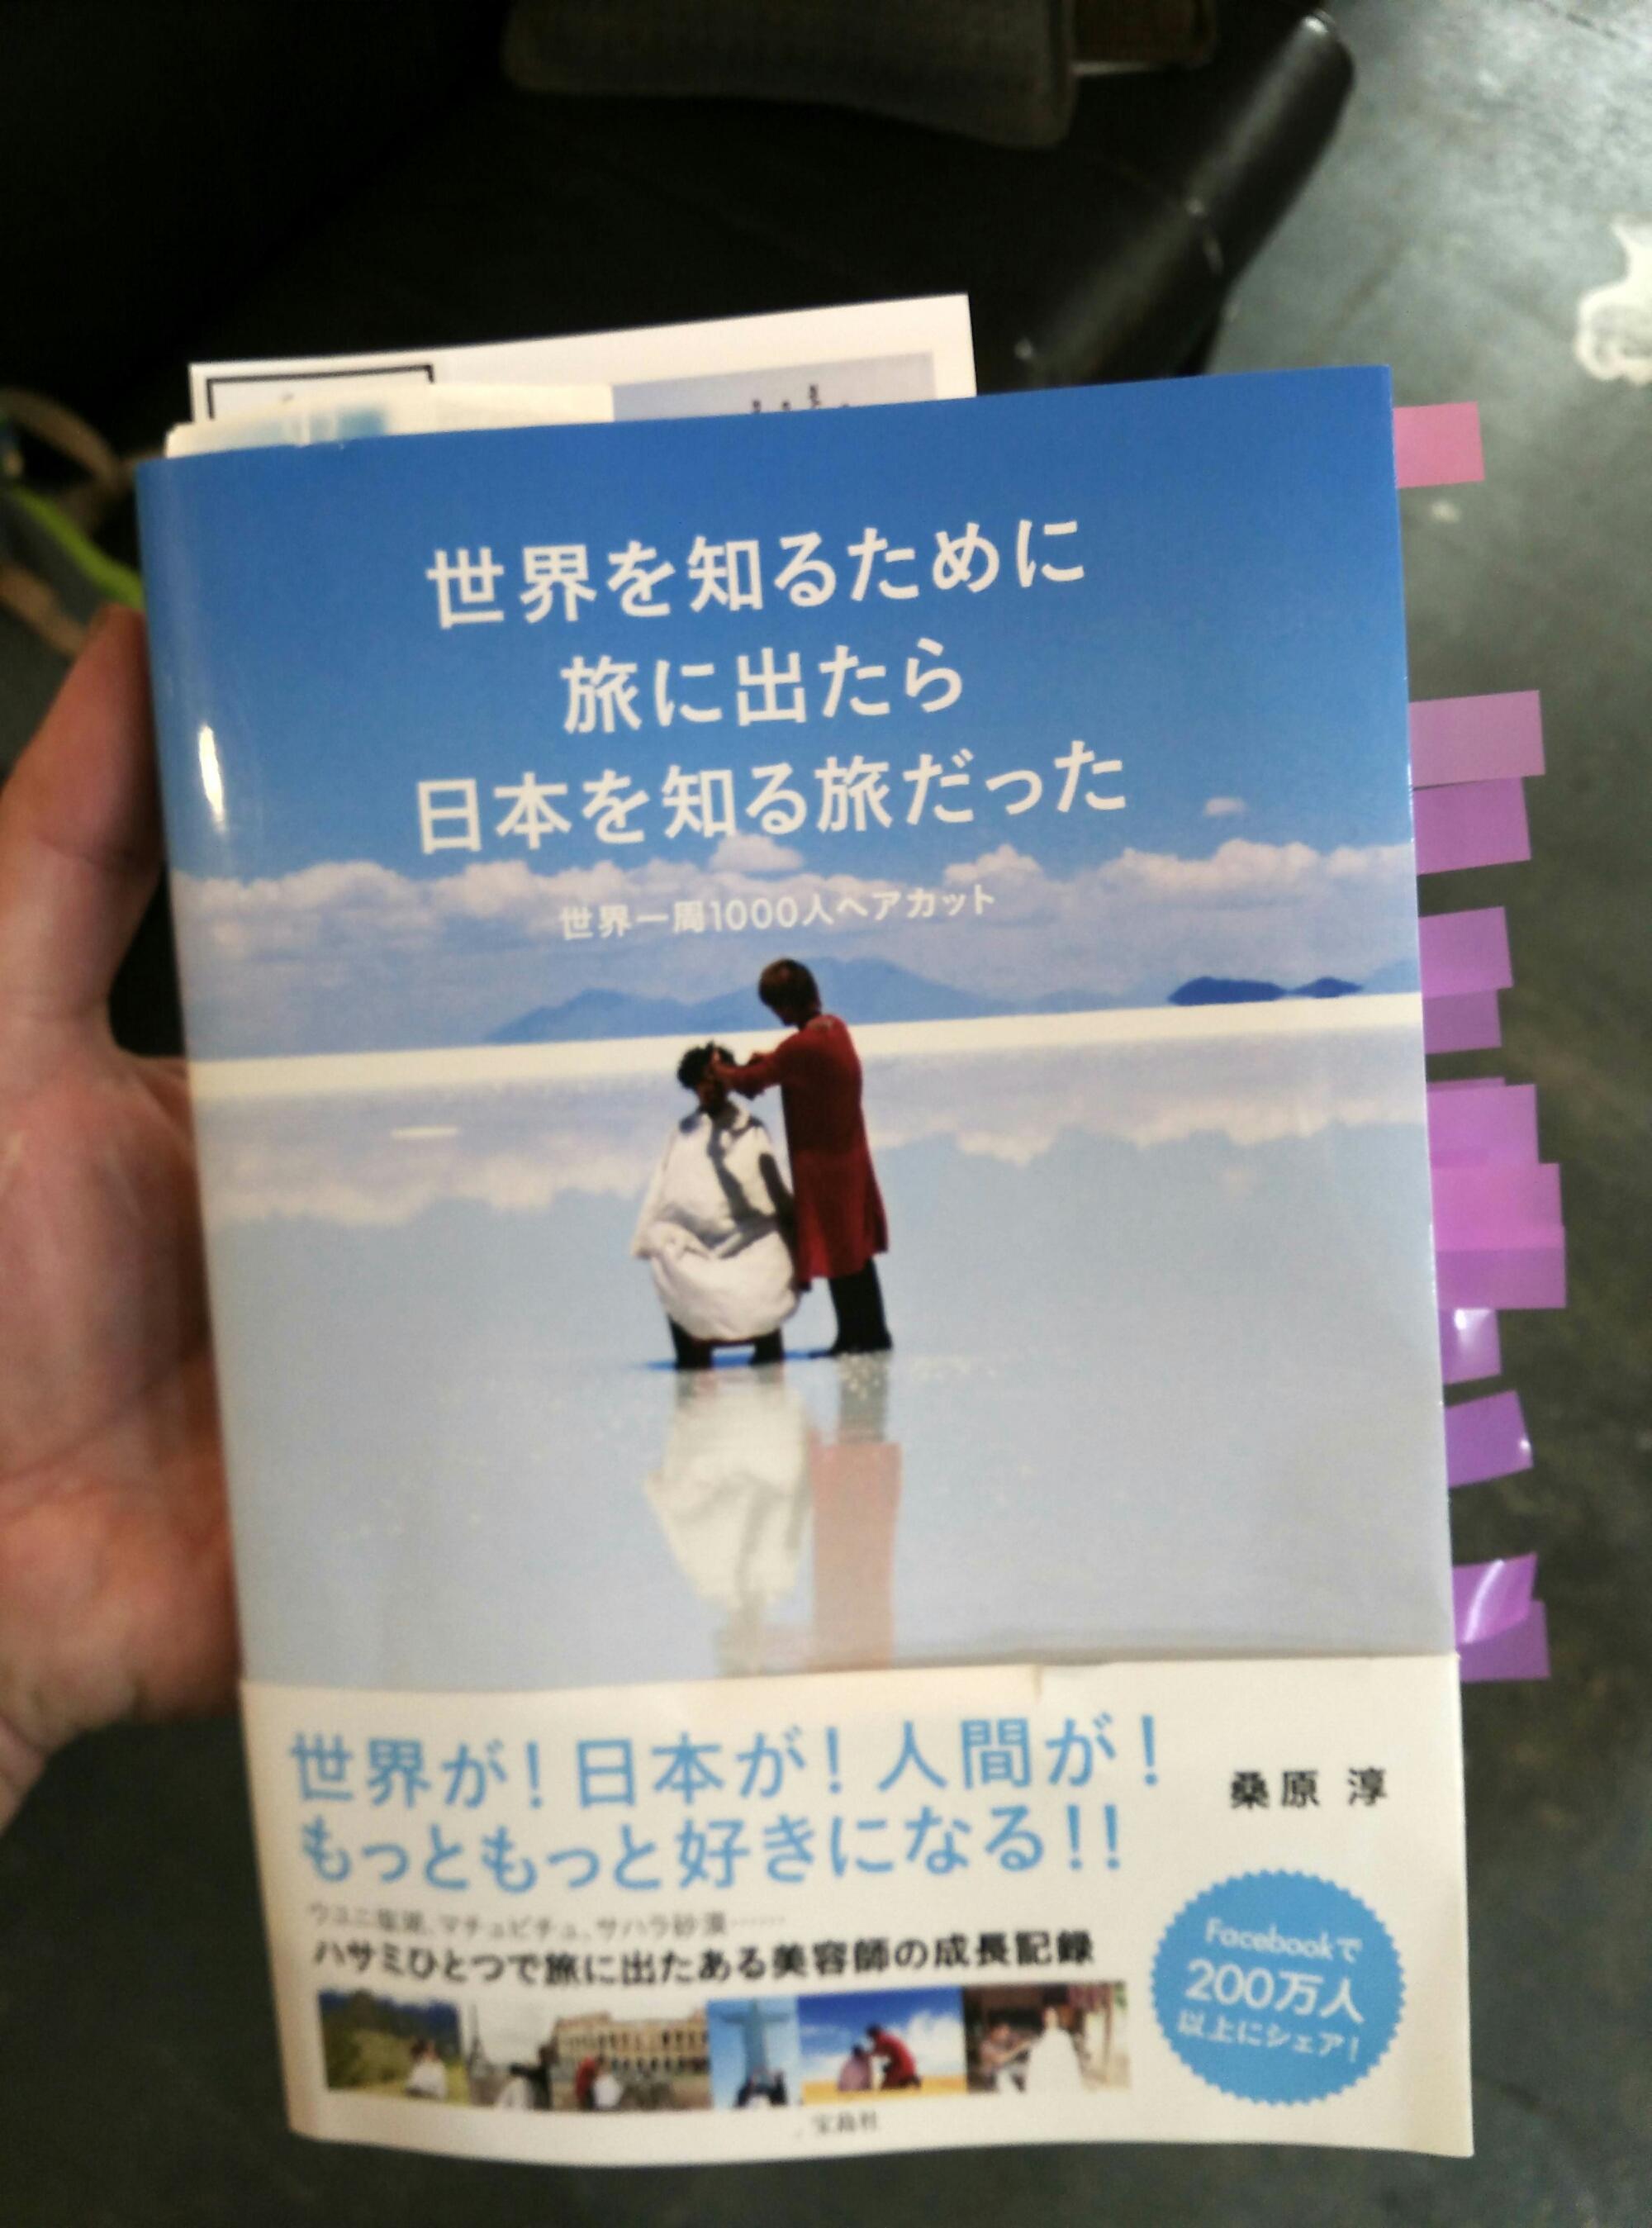 旅人がブログを本にして出版